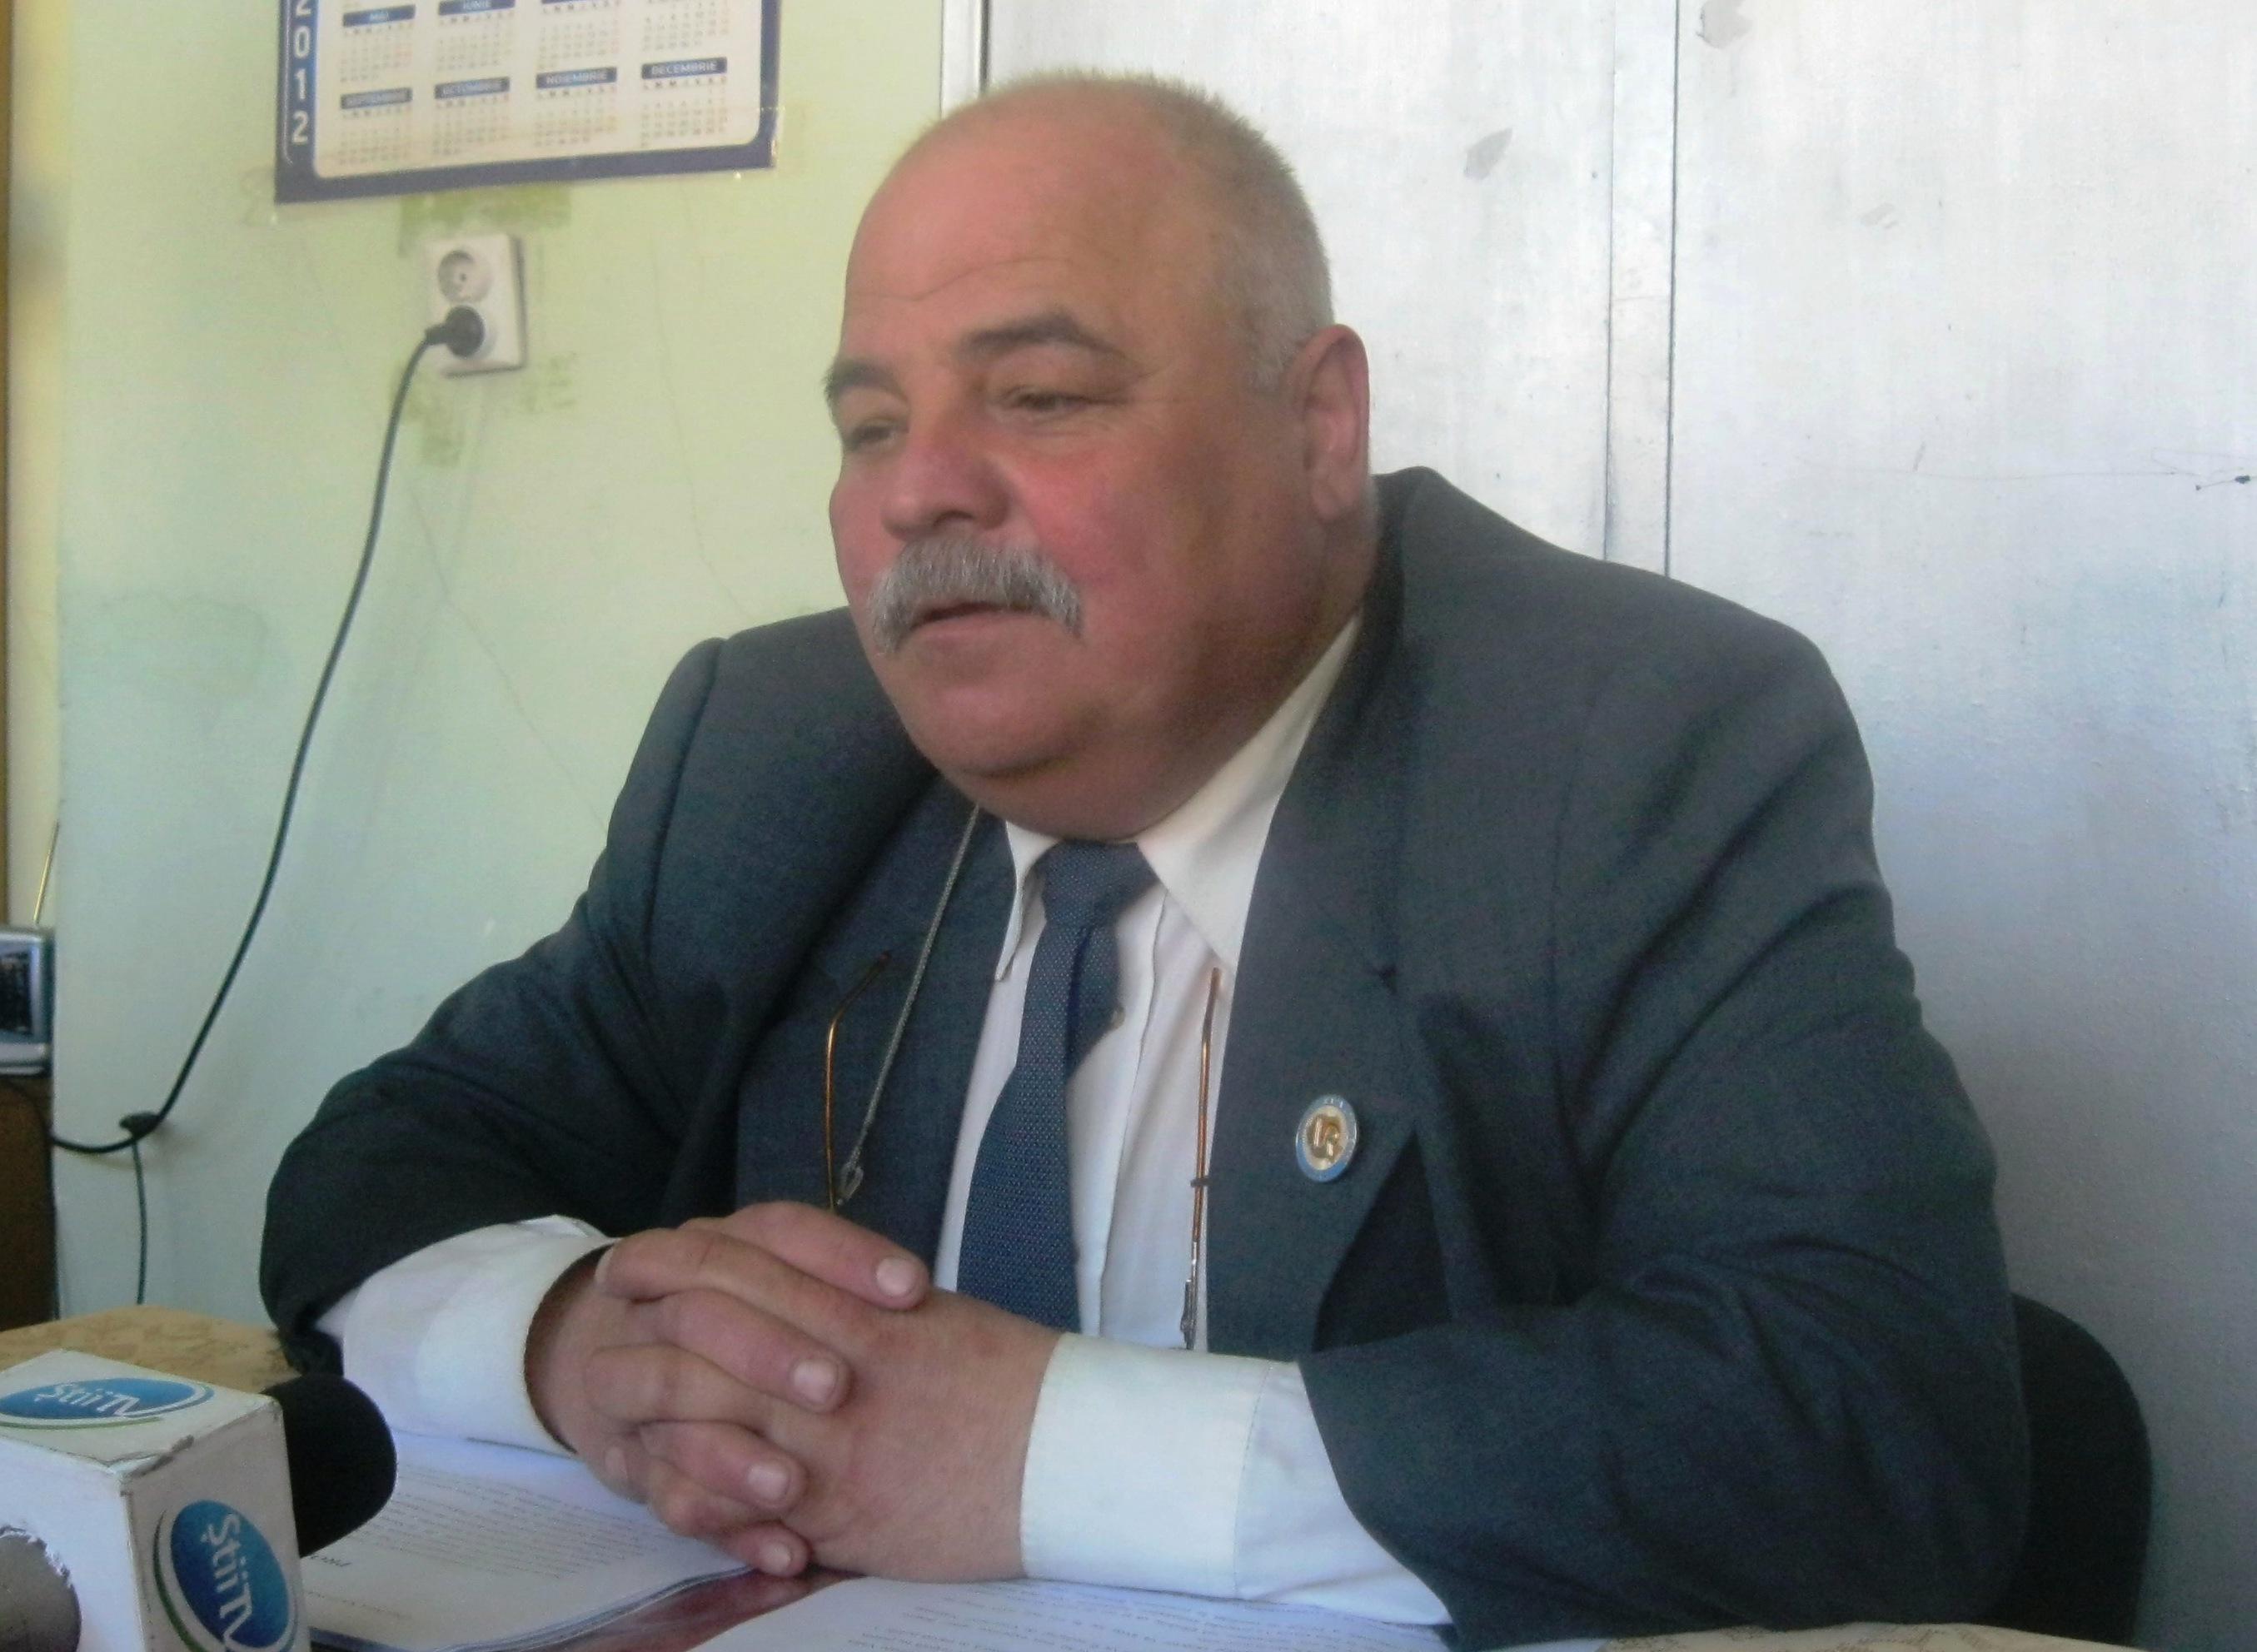 La Liceul Bolyai şi la Universitatea Sapientia din Tg.Mureş ar trebui înfiinţate secţii de predare în limba română.